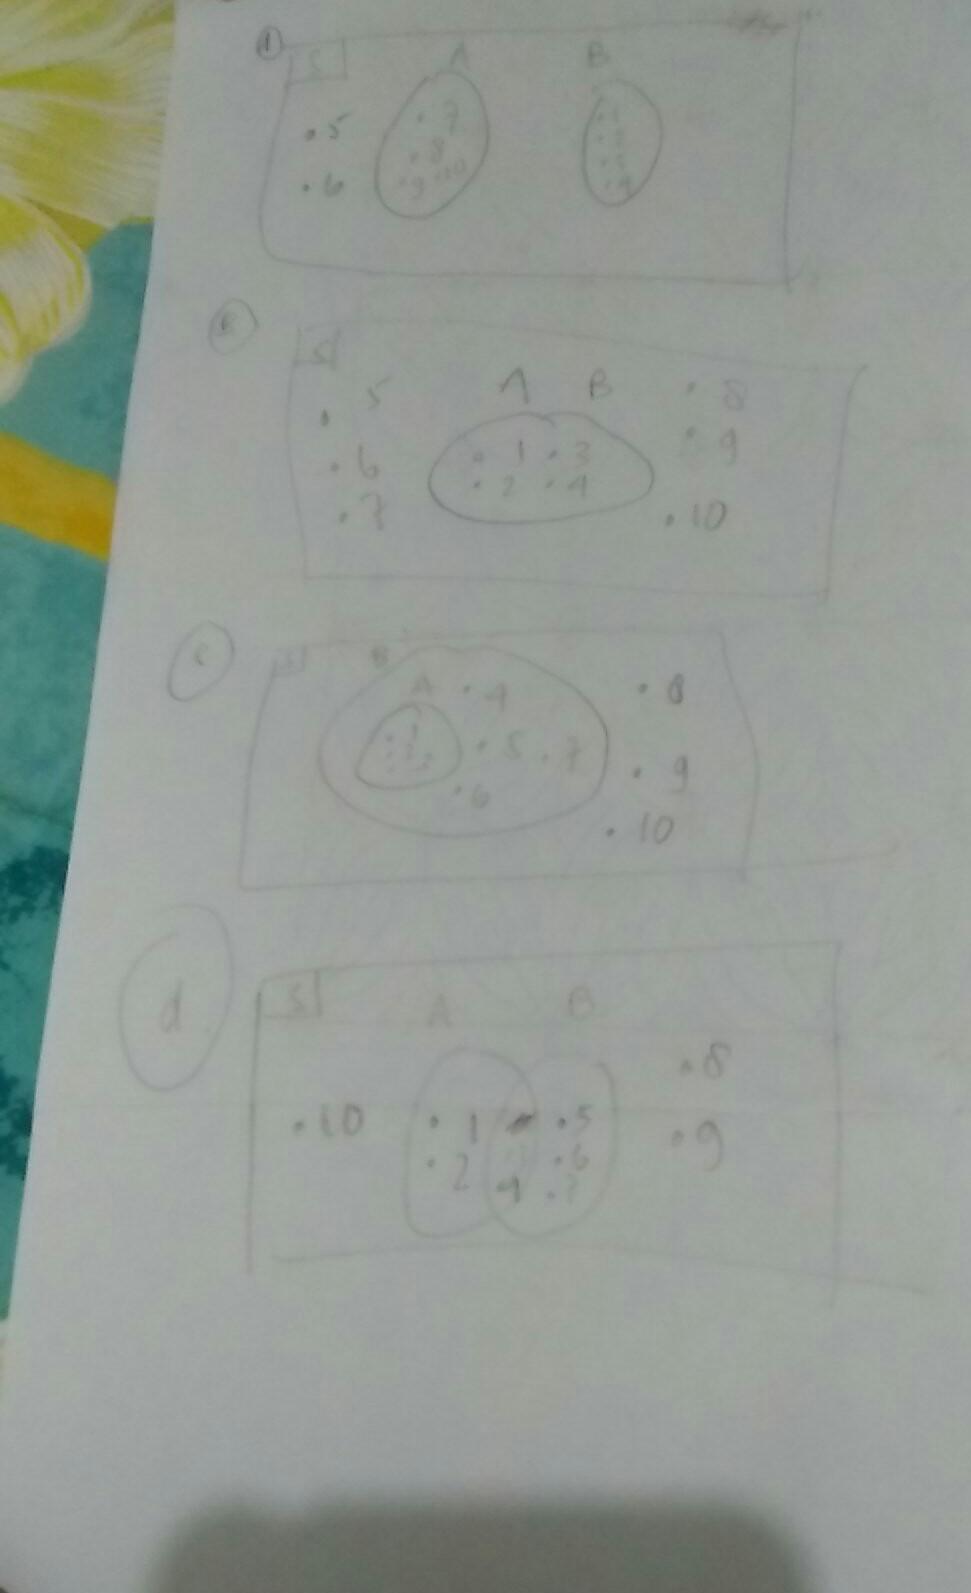 Jika Himpunan : himpunan, Gambarlah, Diagram, Himpunan, S={1,2,3,4,5,6,7,8,9,10}, A.himpunan, A={1,2,3,4}, Brainly.co.id